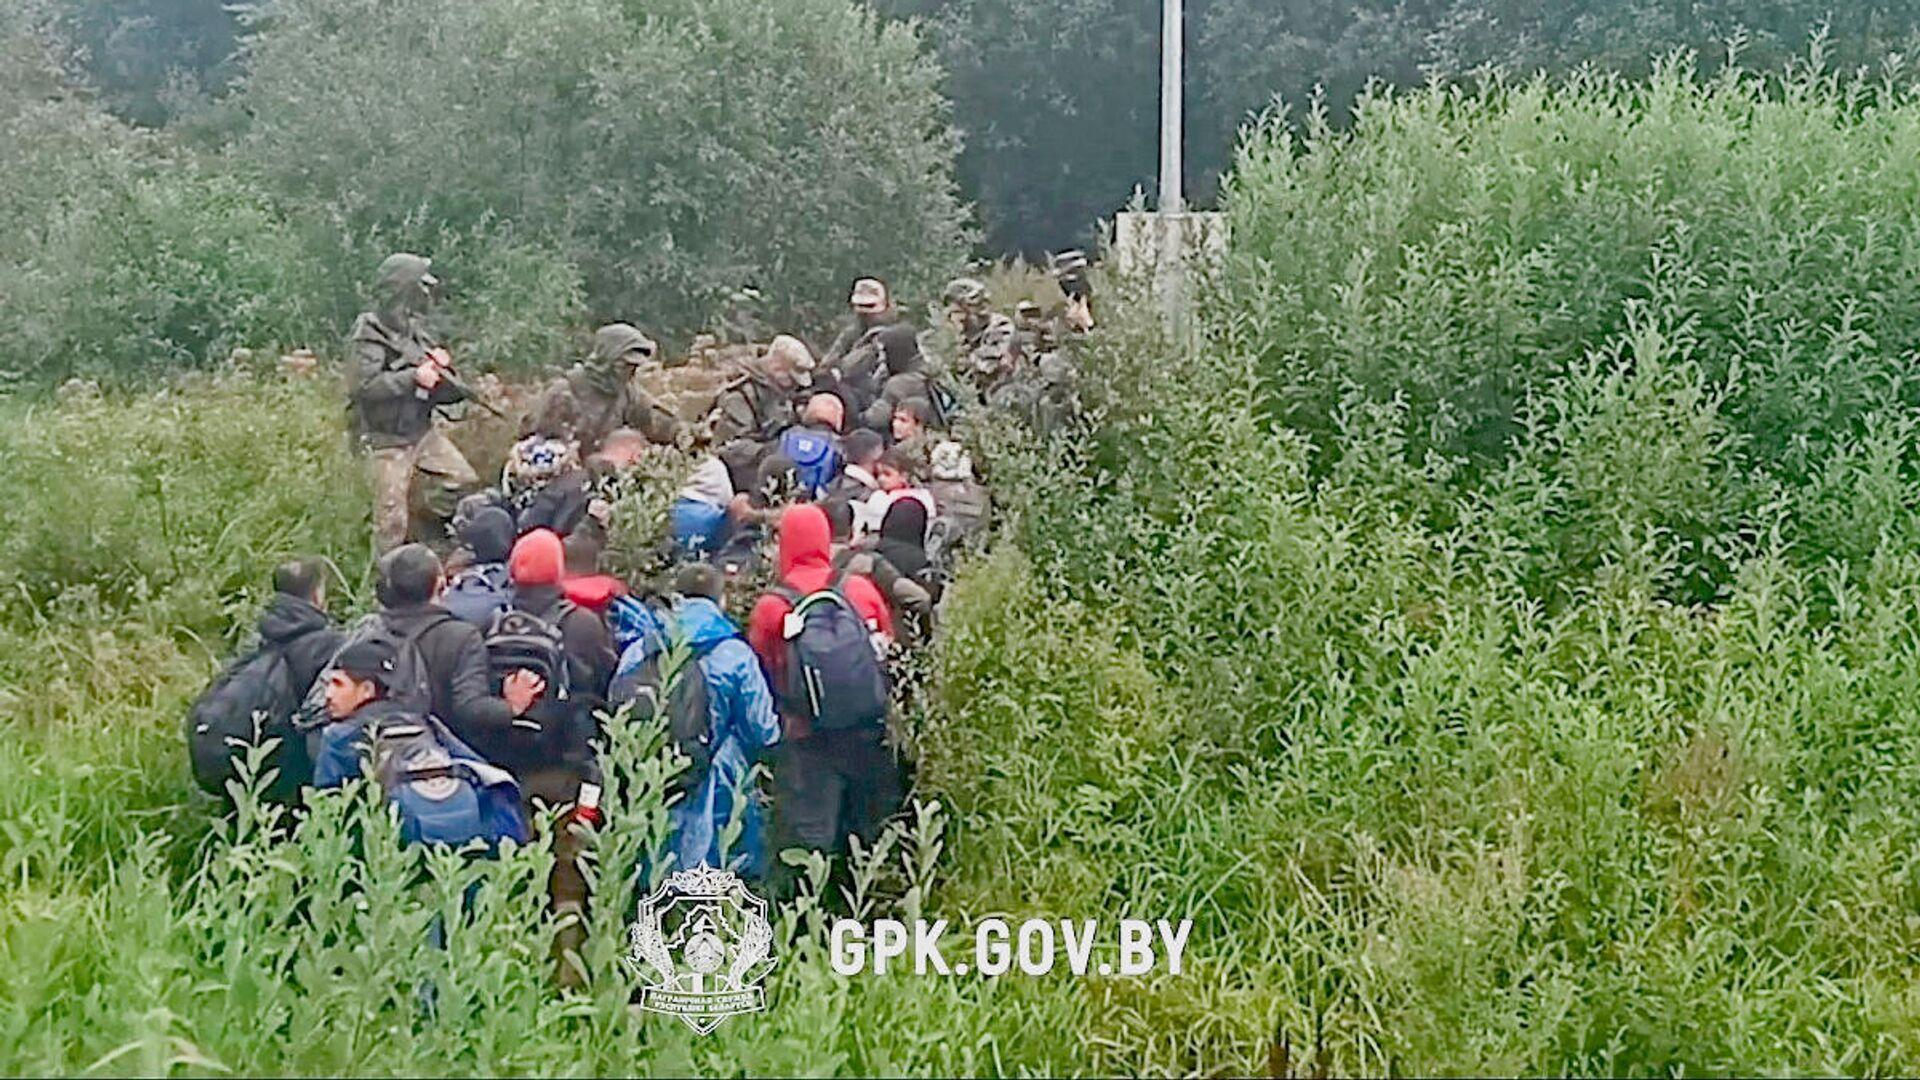 Migranci zatrzymani przy nielegalnym przekraczaniu białorusko-łotewskiej granicy - Sputnik Polska, 1920, 22.09.2021